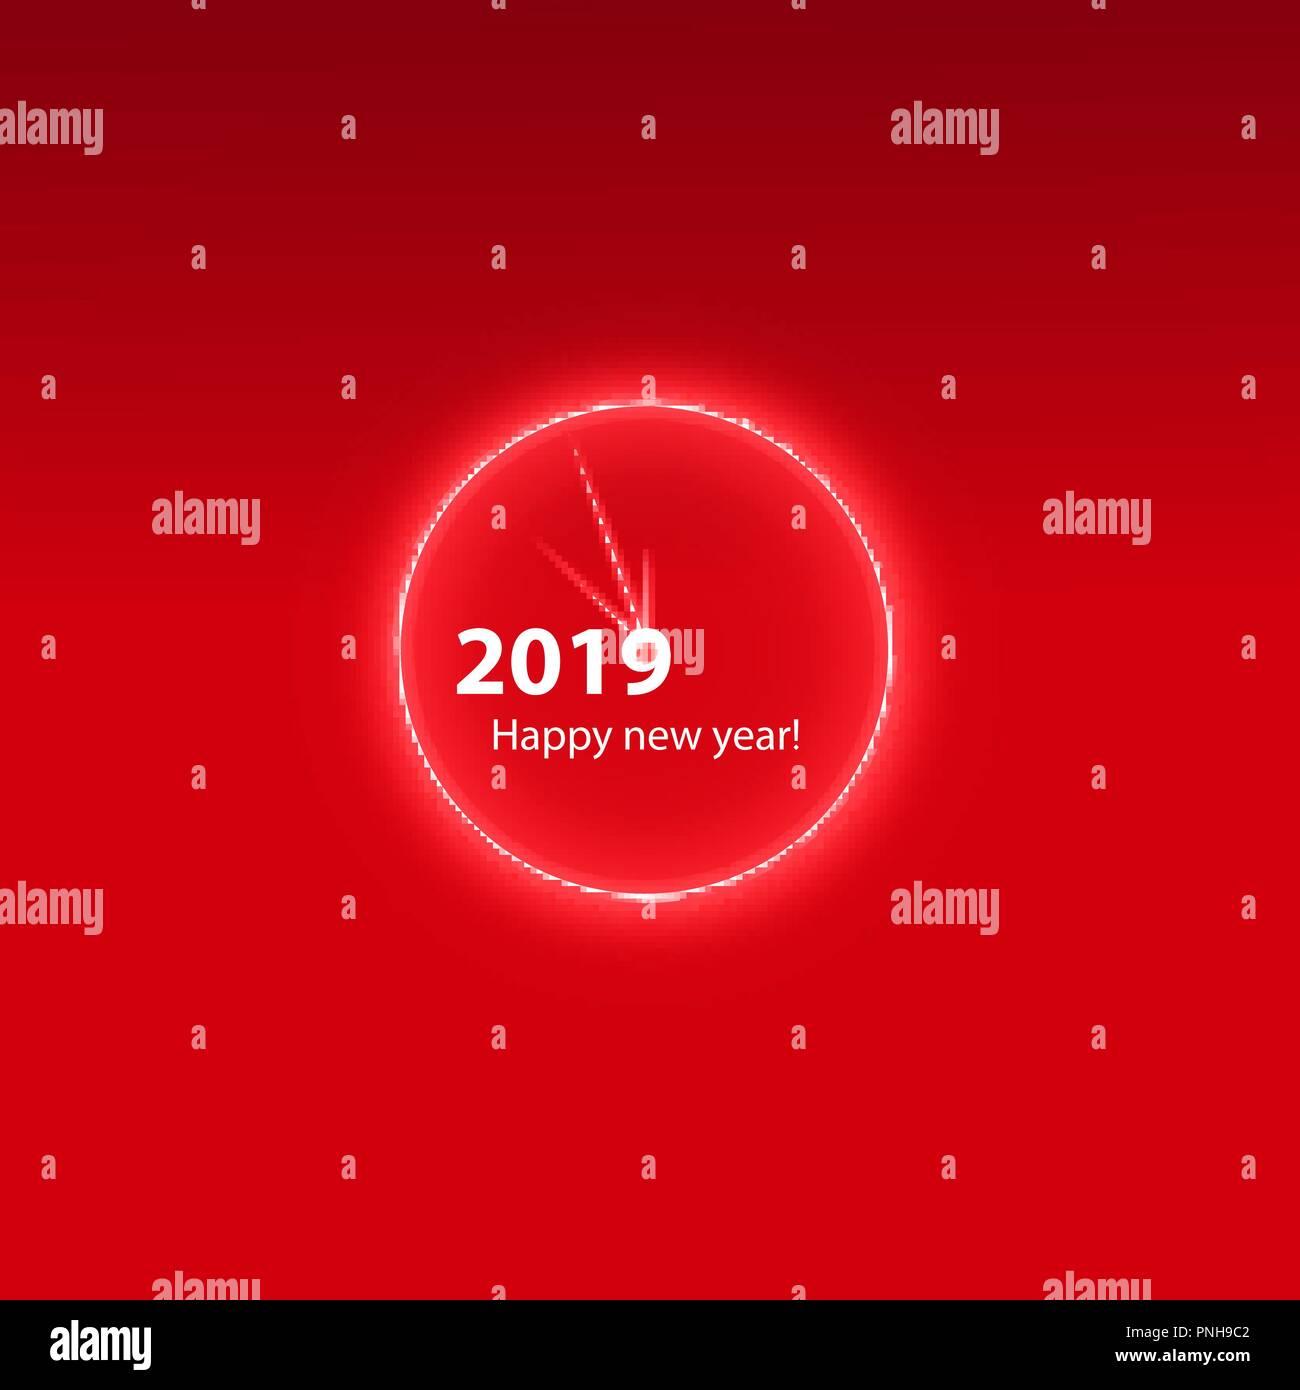 Weihnachtsfeier Plakat.Weihnachtsfeier Plakat Mit Einem Glühenden Magischen Uhr Frohes